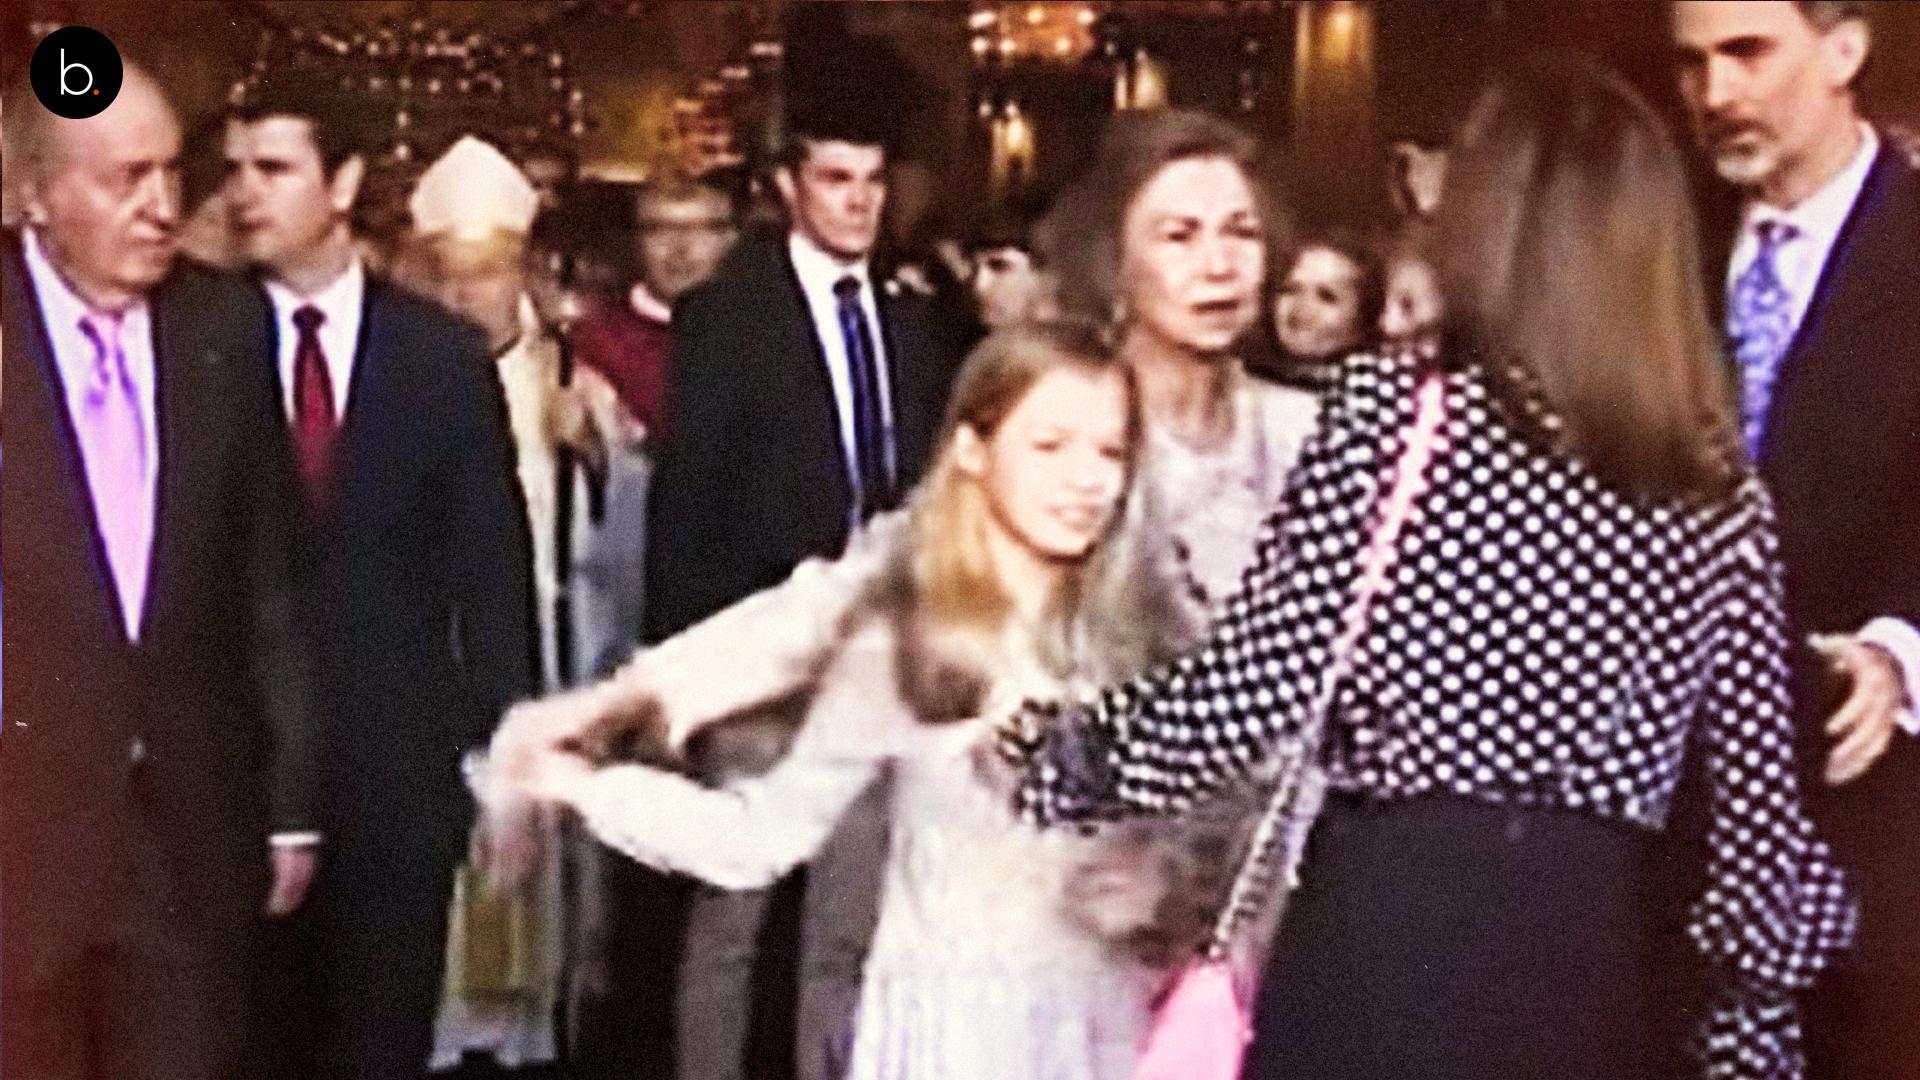 Crece el escándalo: la realeza apoya a Doña Sofía y declara la guerra a Letizia